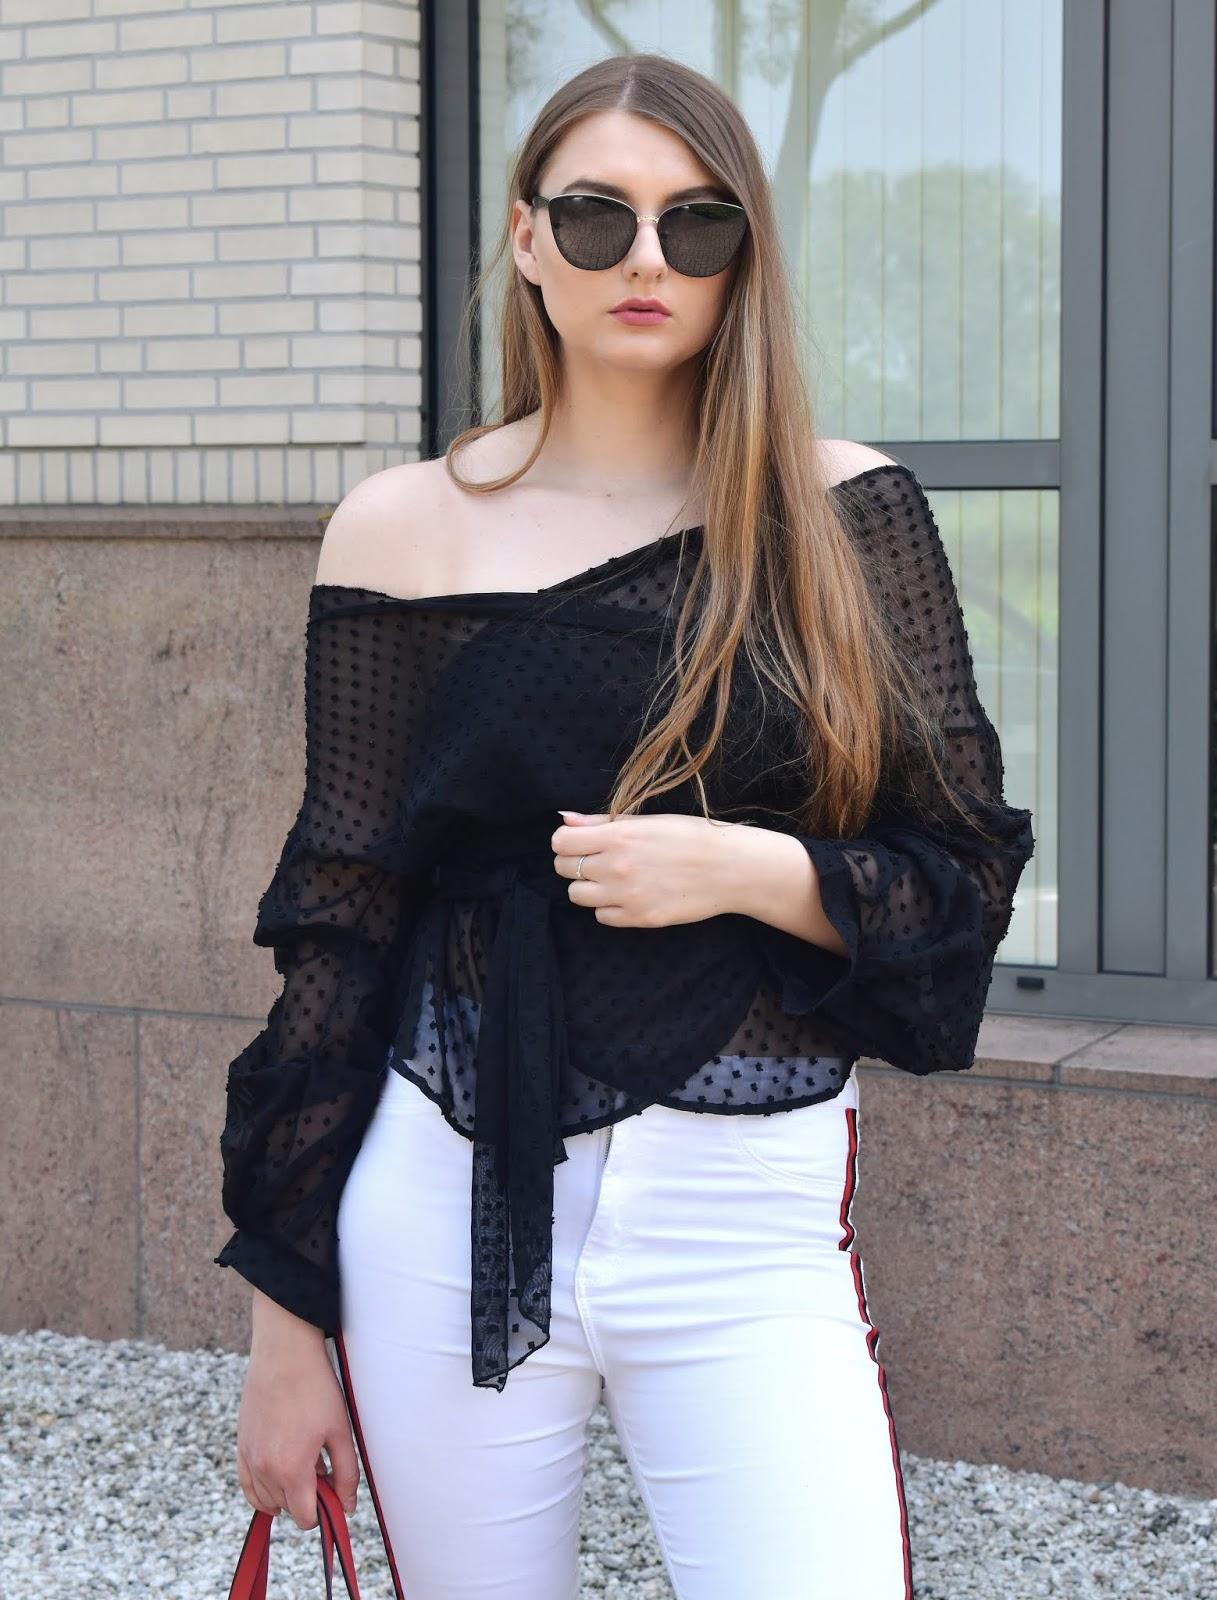 Białe spodnie wiosną-z czym nosić?